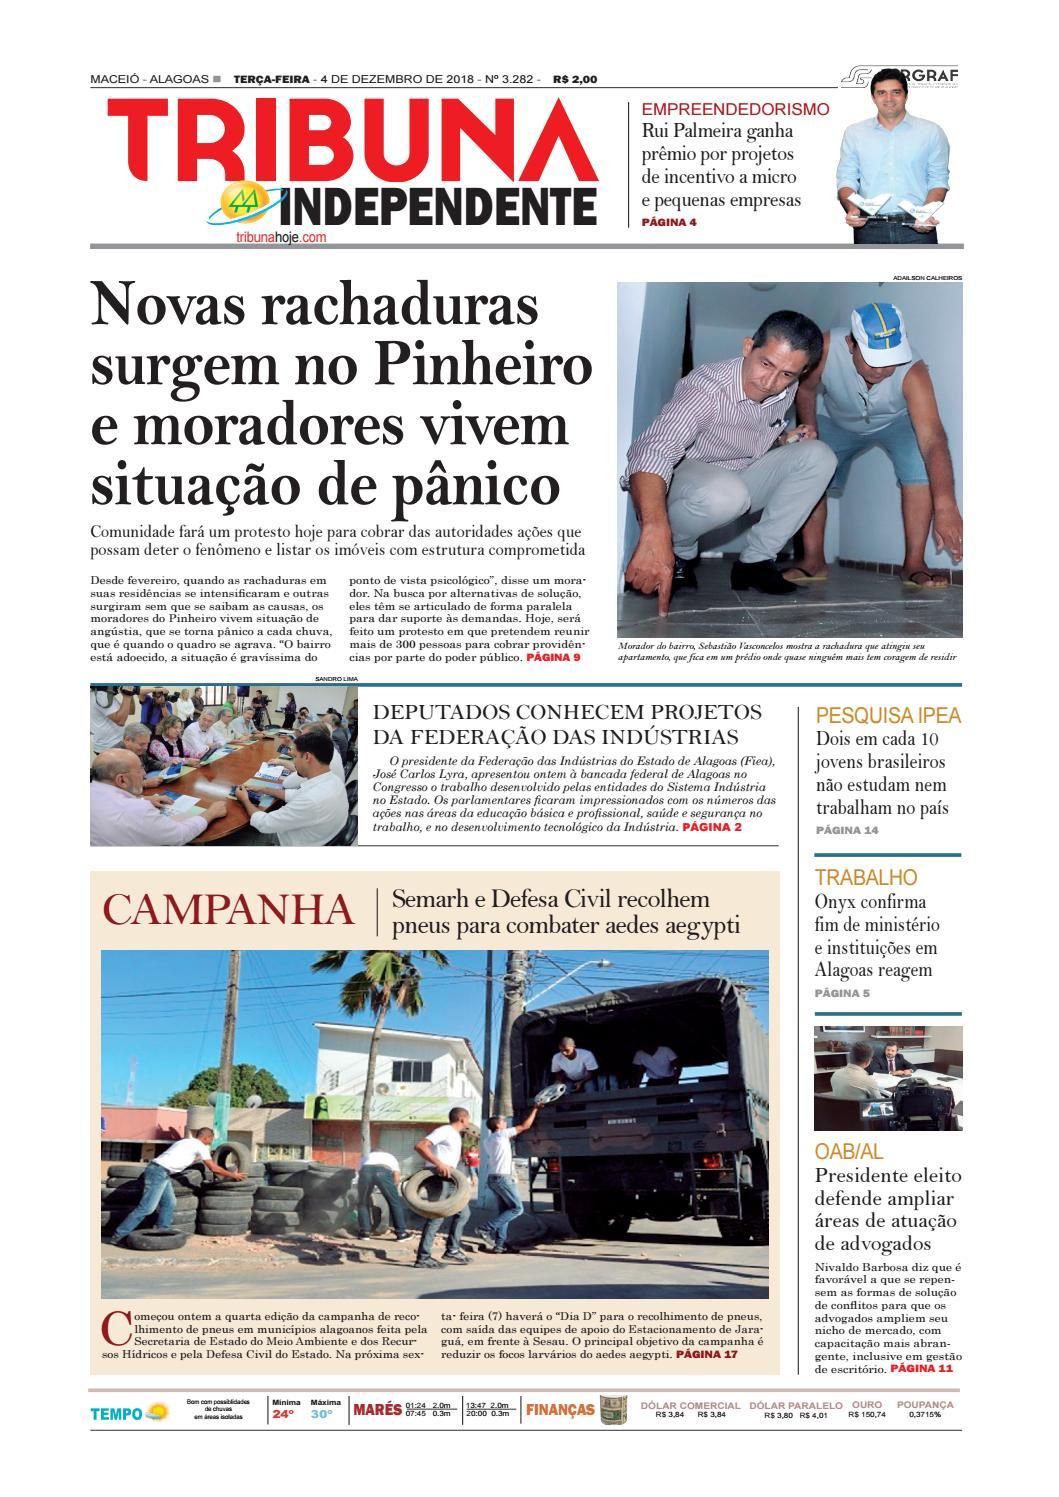 272743f9bb Edição número 3282 - 4 de dezembro de 2018 by Tribuna Hoje - issuu